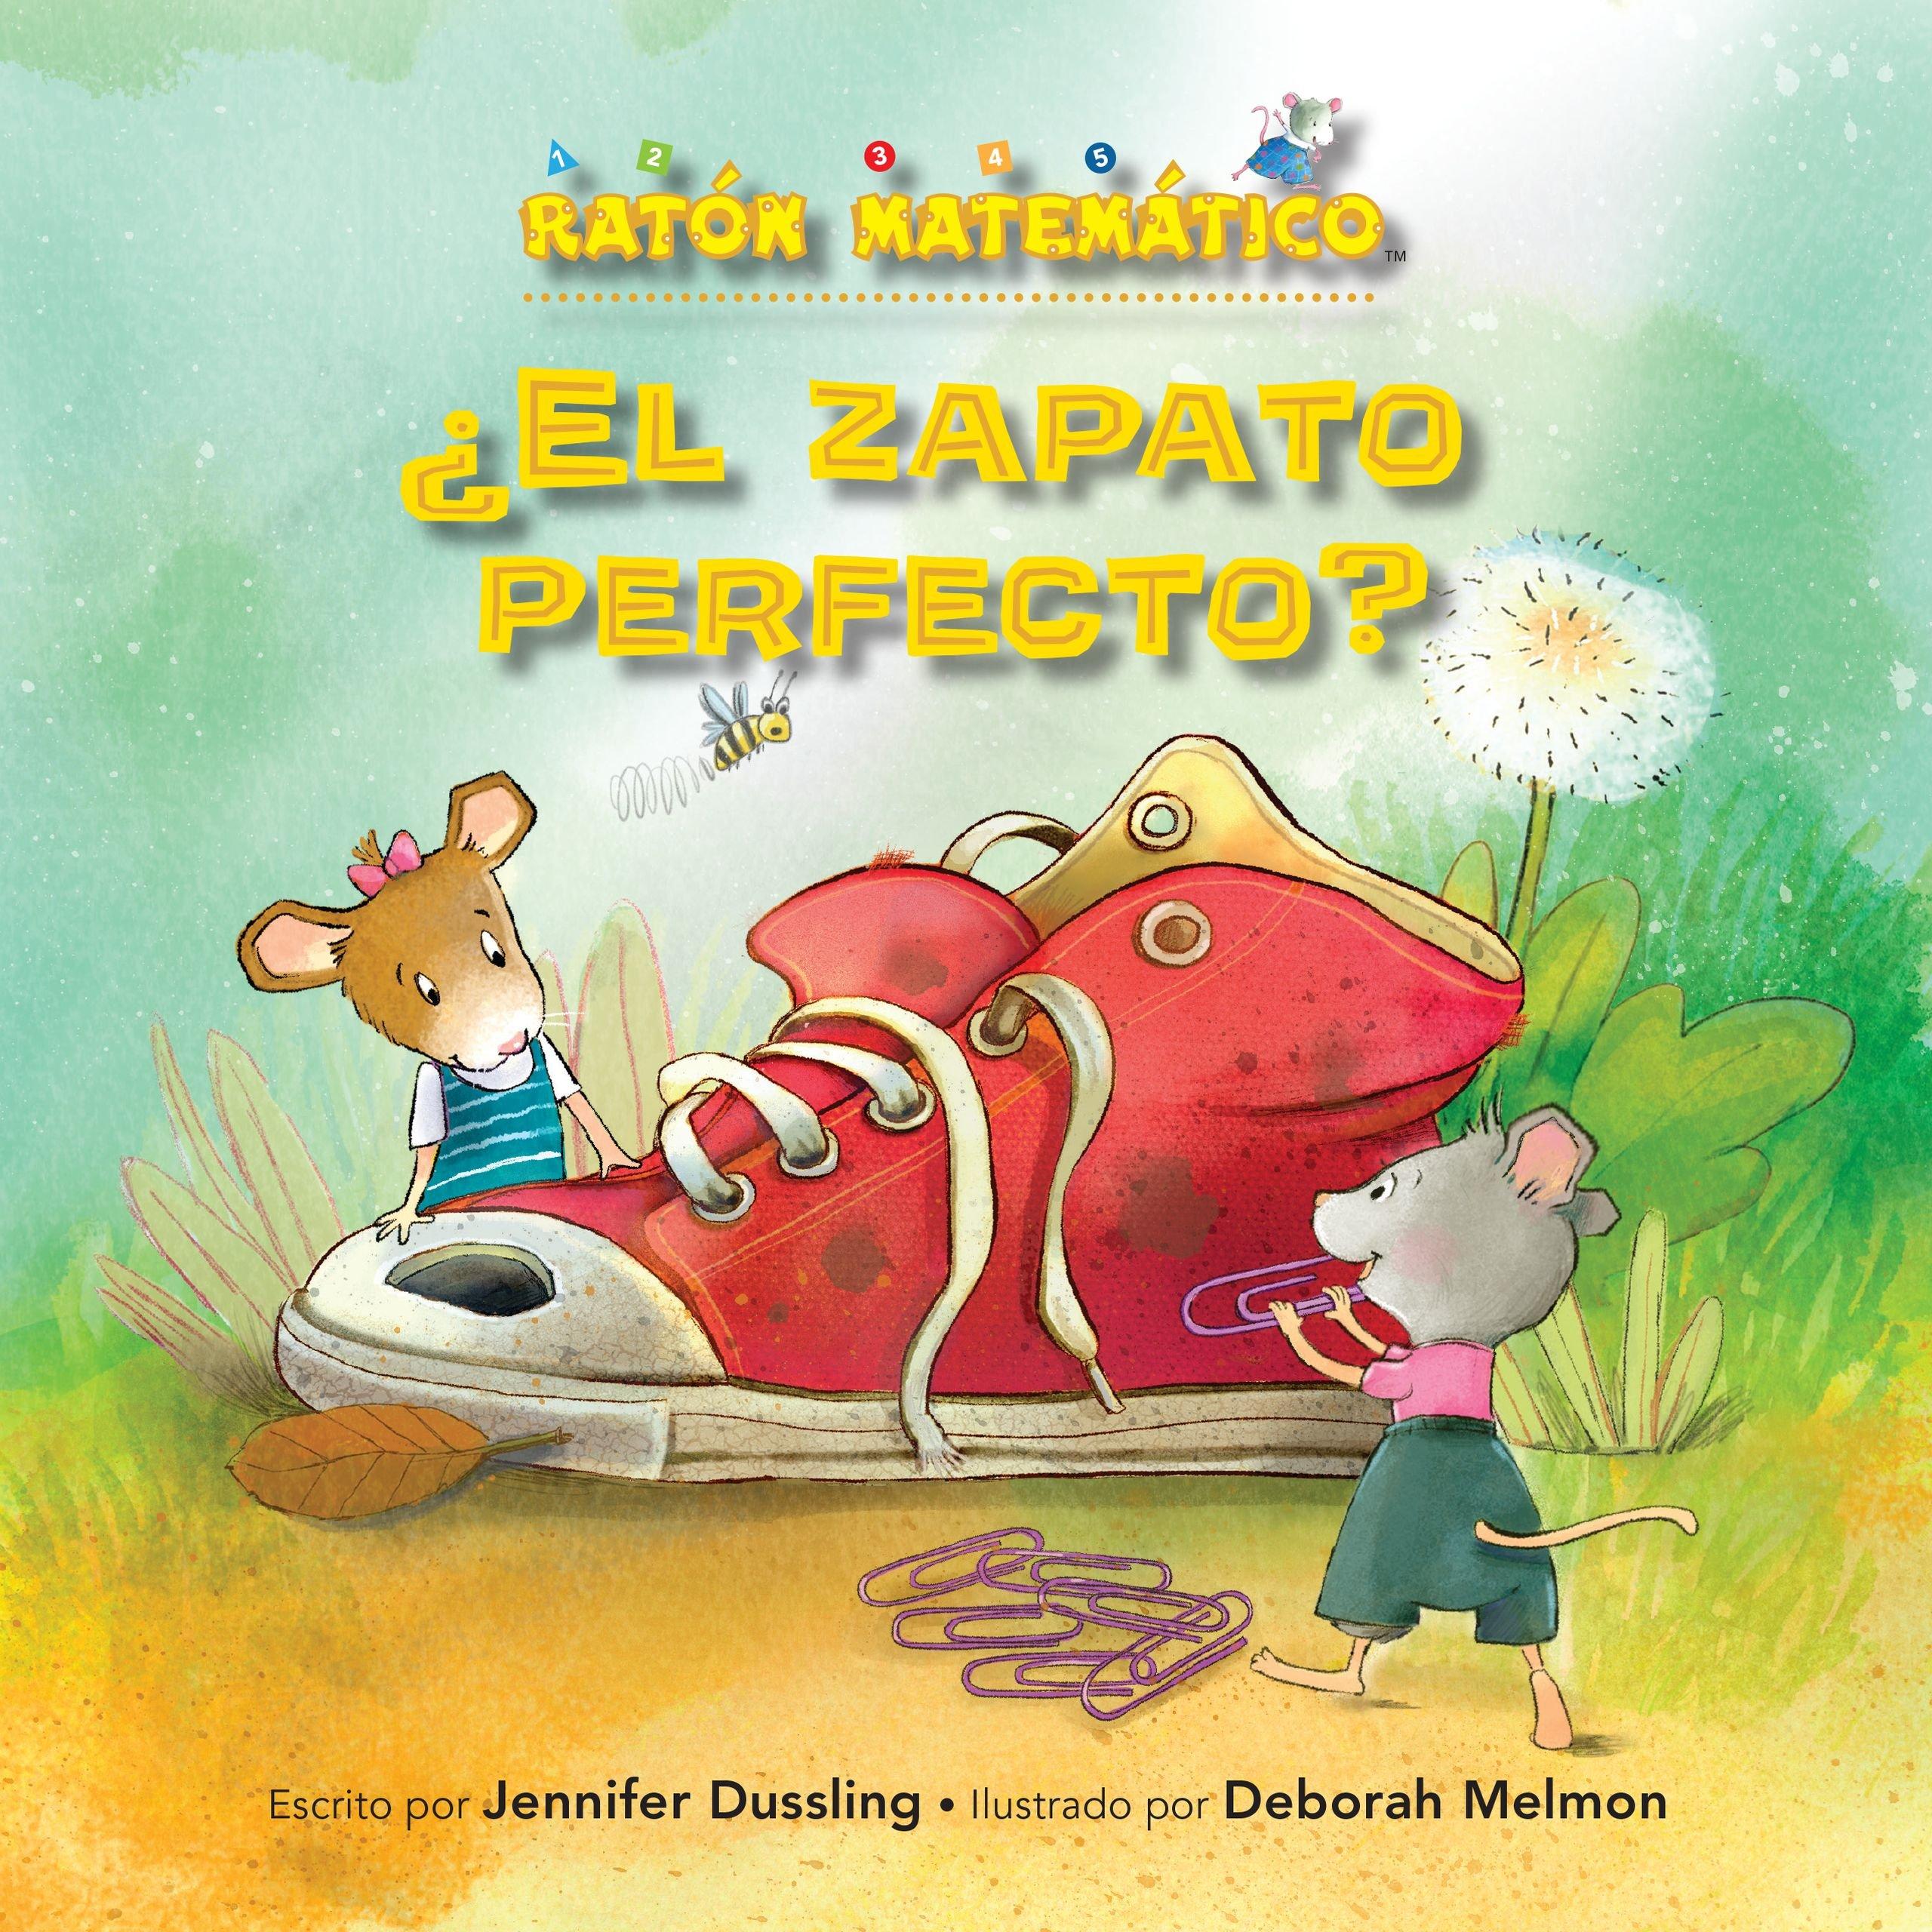 ¿el Zapato Perfecto? (If the Shoe Fits): Unidades de Medida No Convencionales (Nonstandard Units of Measurement) (Ratón Matemático / Mouse Math) (Spanish ...